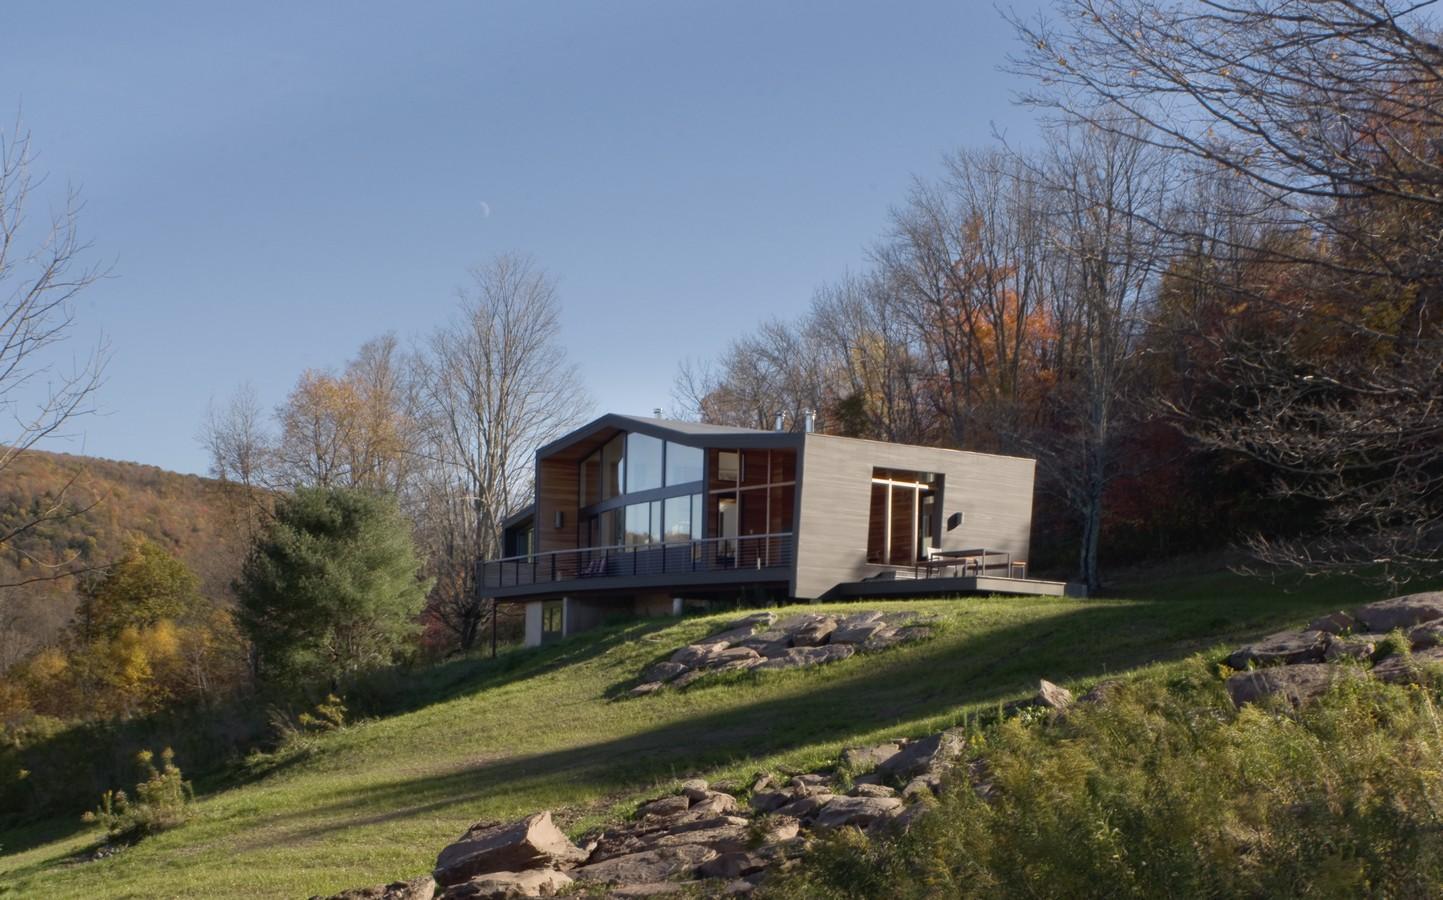 Quail Ridge House By David Jay Weiner Homedezen